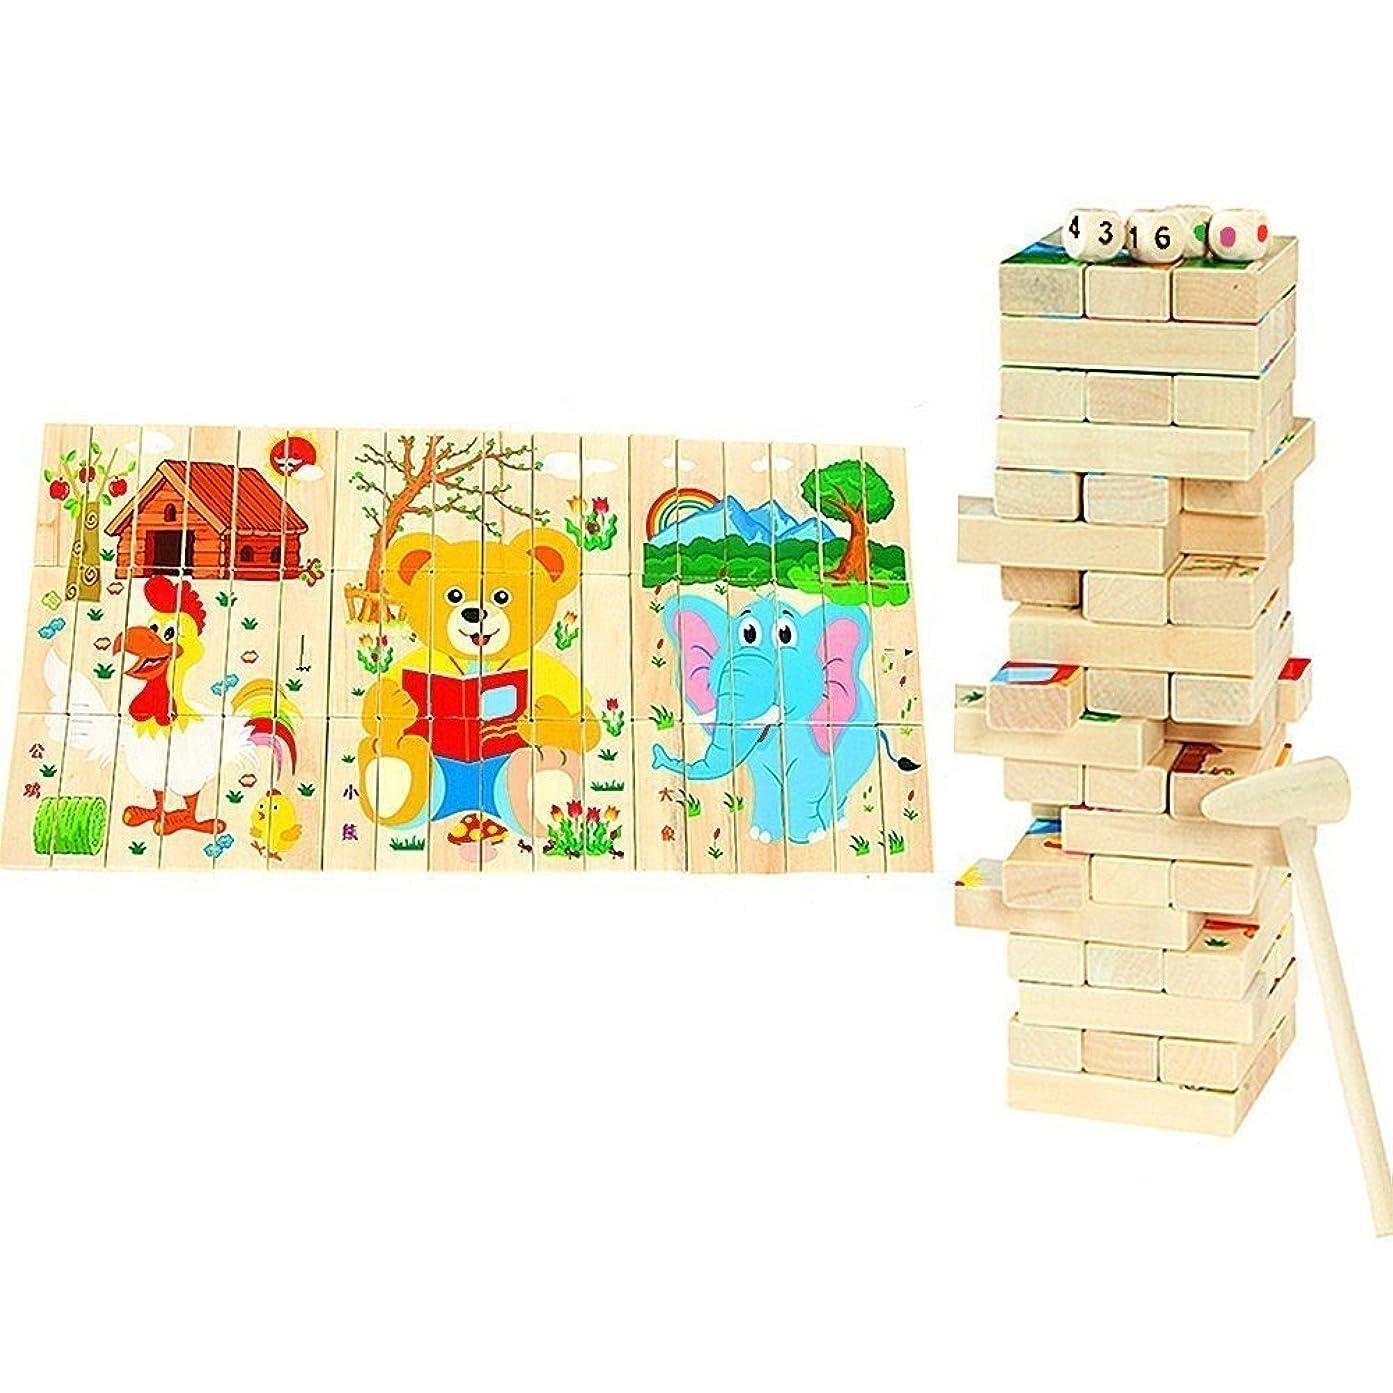 イタリアのピカソ脳木製パズル 無限大の遊び方 バランスゲーム ドミノ 立体パズル Bajoy 大人も子供も楽しめる 木製おもちゃ 54ピース 誕生日 クリスマス プレゼント 6+